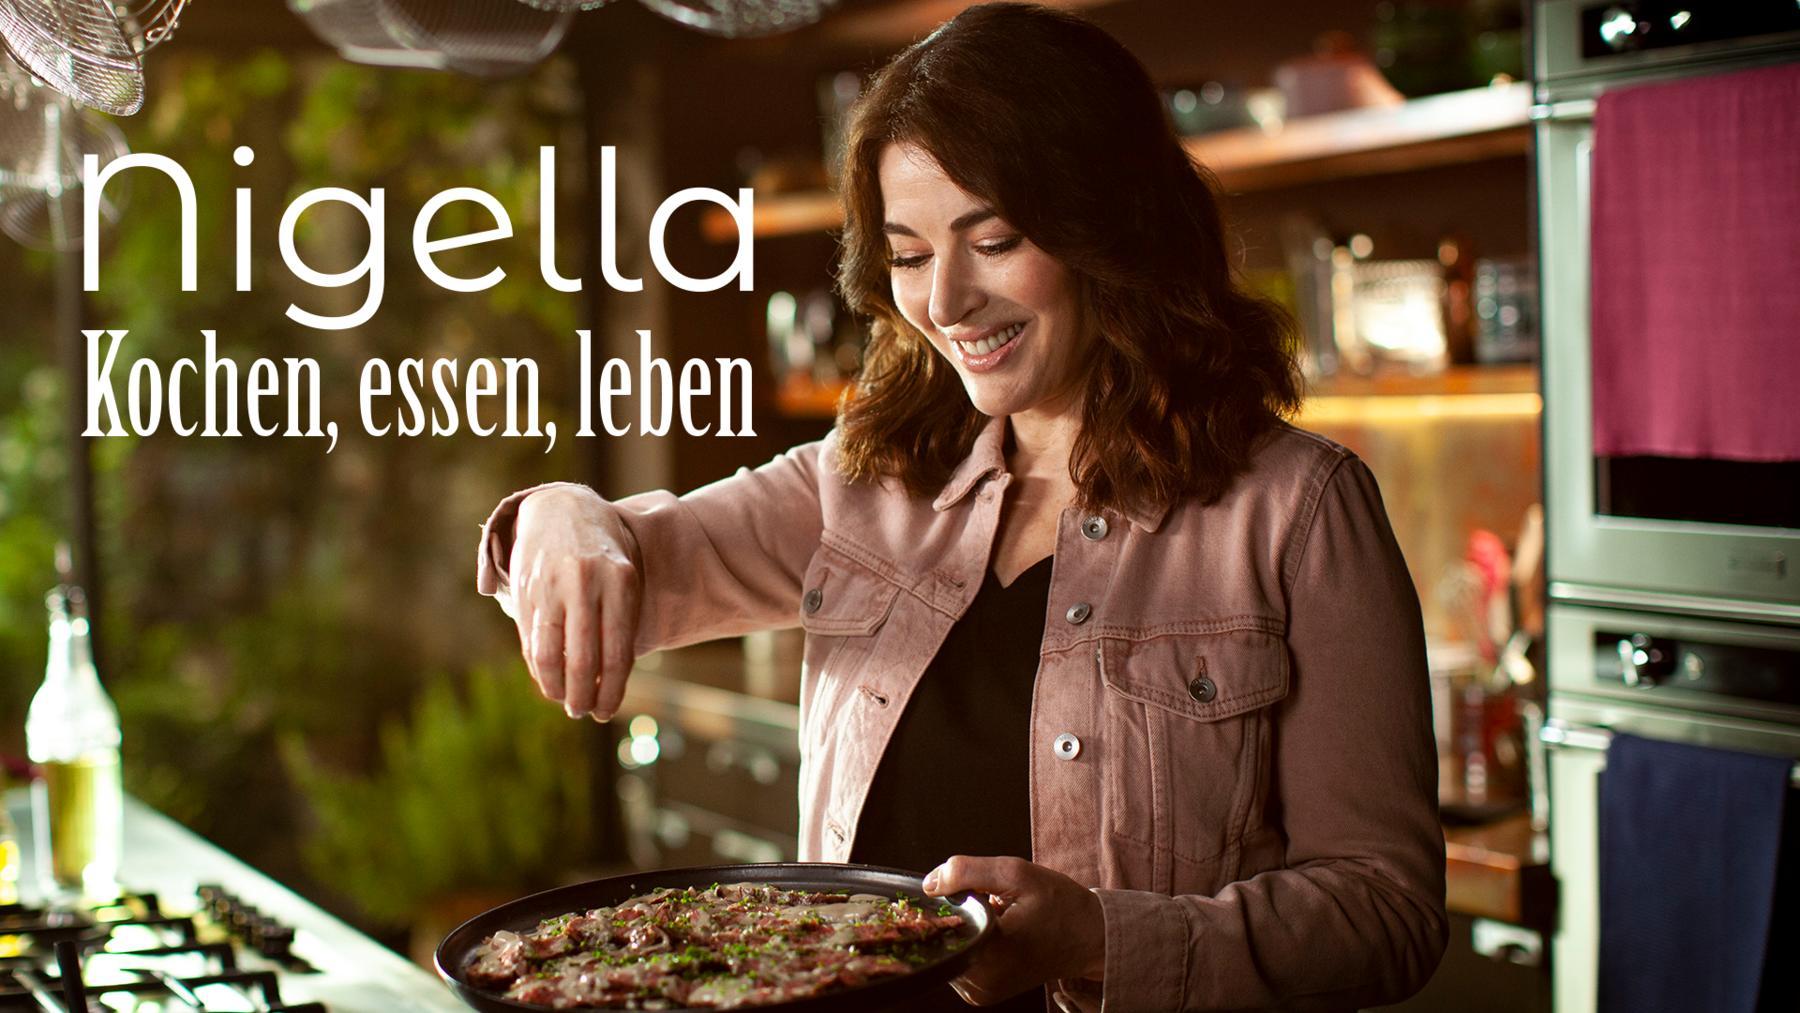 Nigella: Essen für die Seele